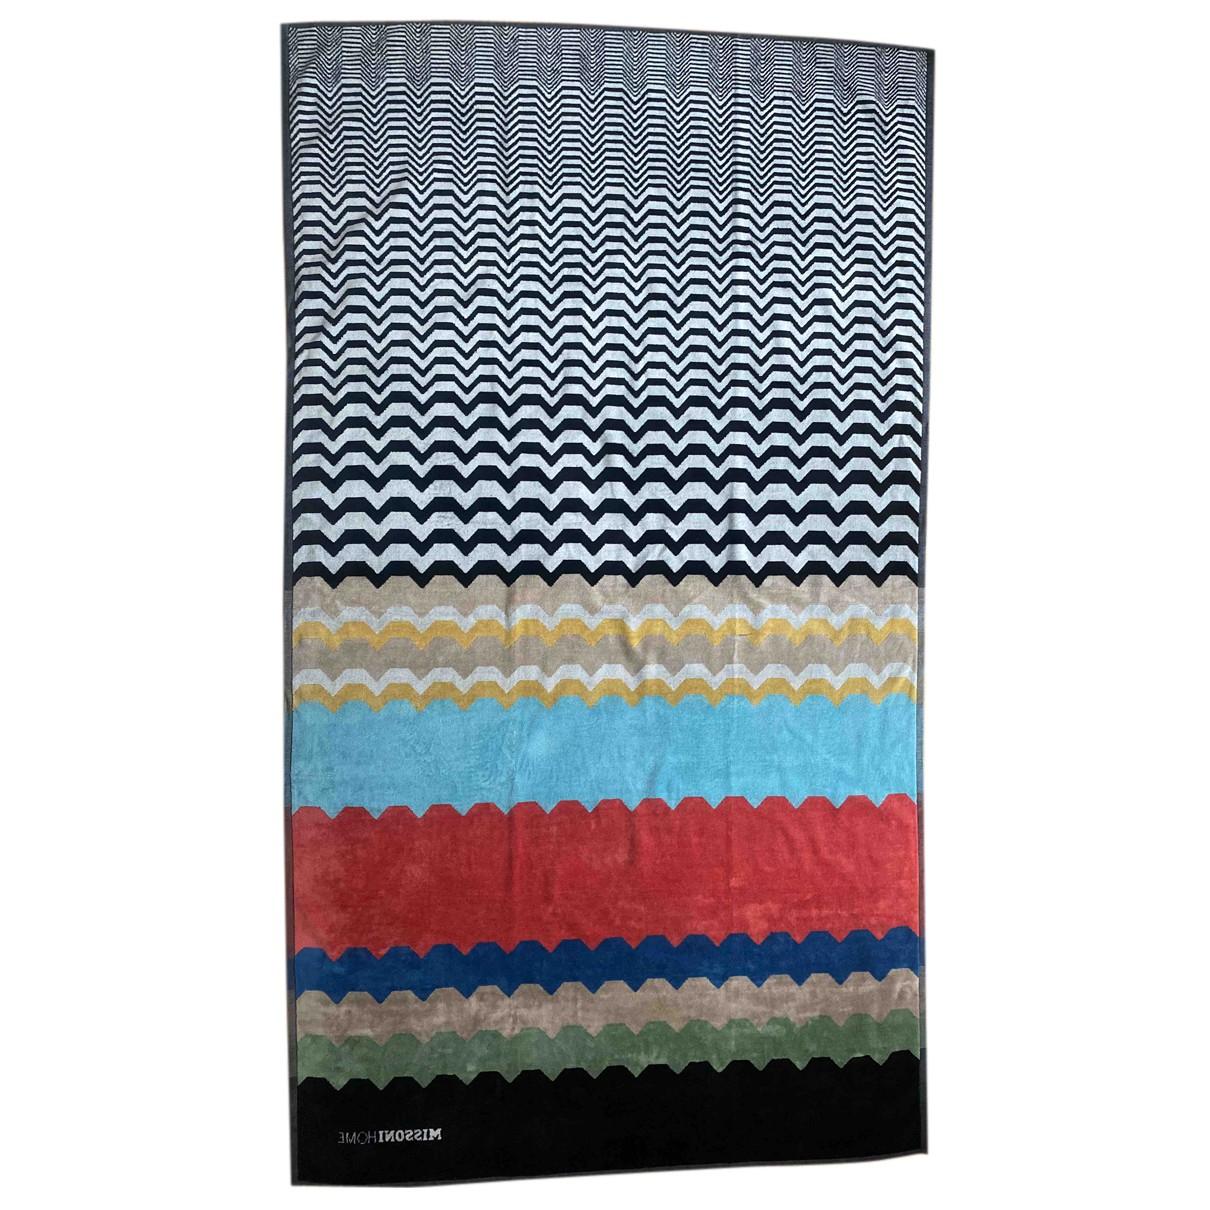 Missoni Home - Linge de maison   pour lifestyle en coton